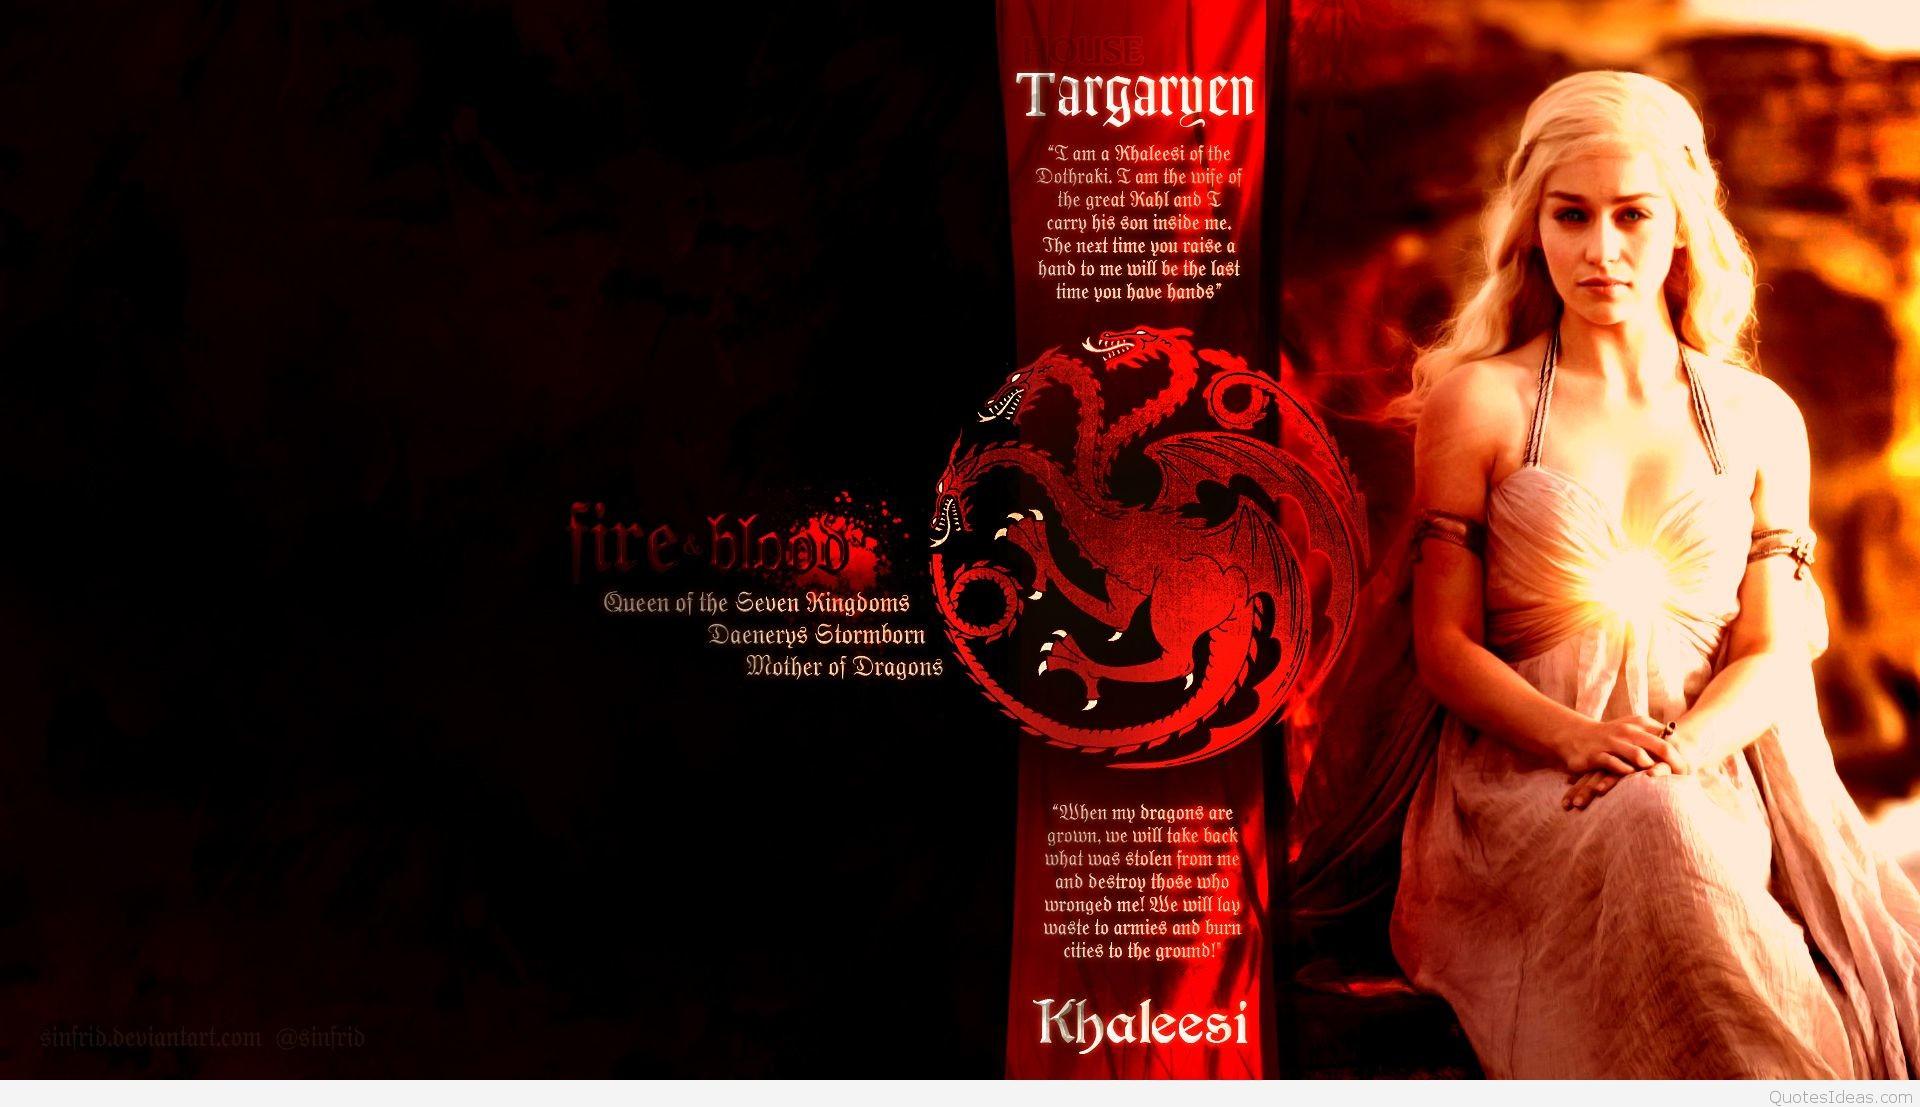 Game-of-Thrones-Daenerys-Targaryen-HD-Wallpaper